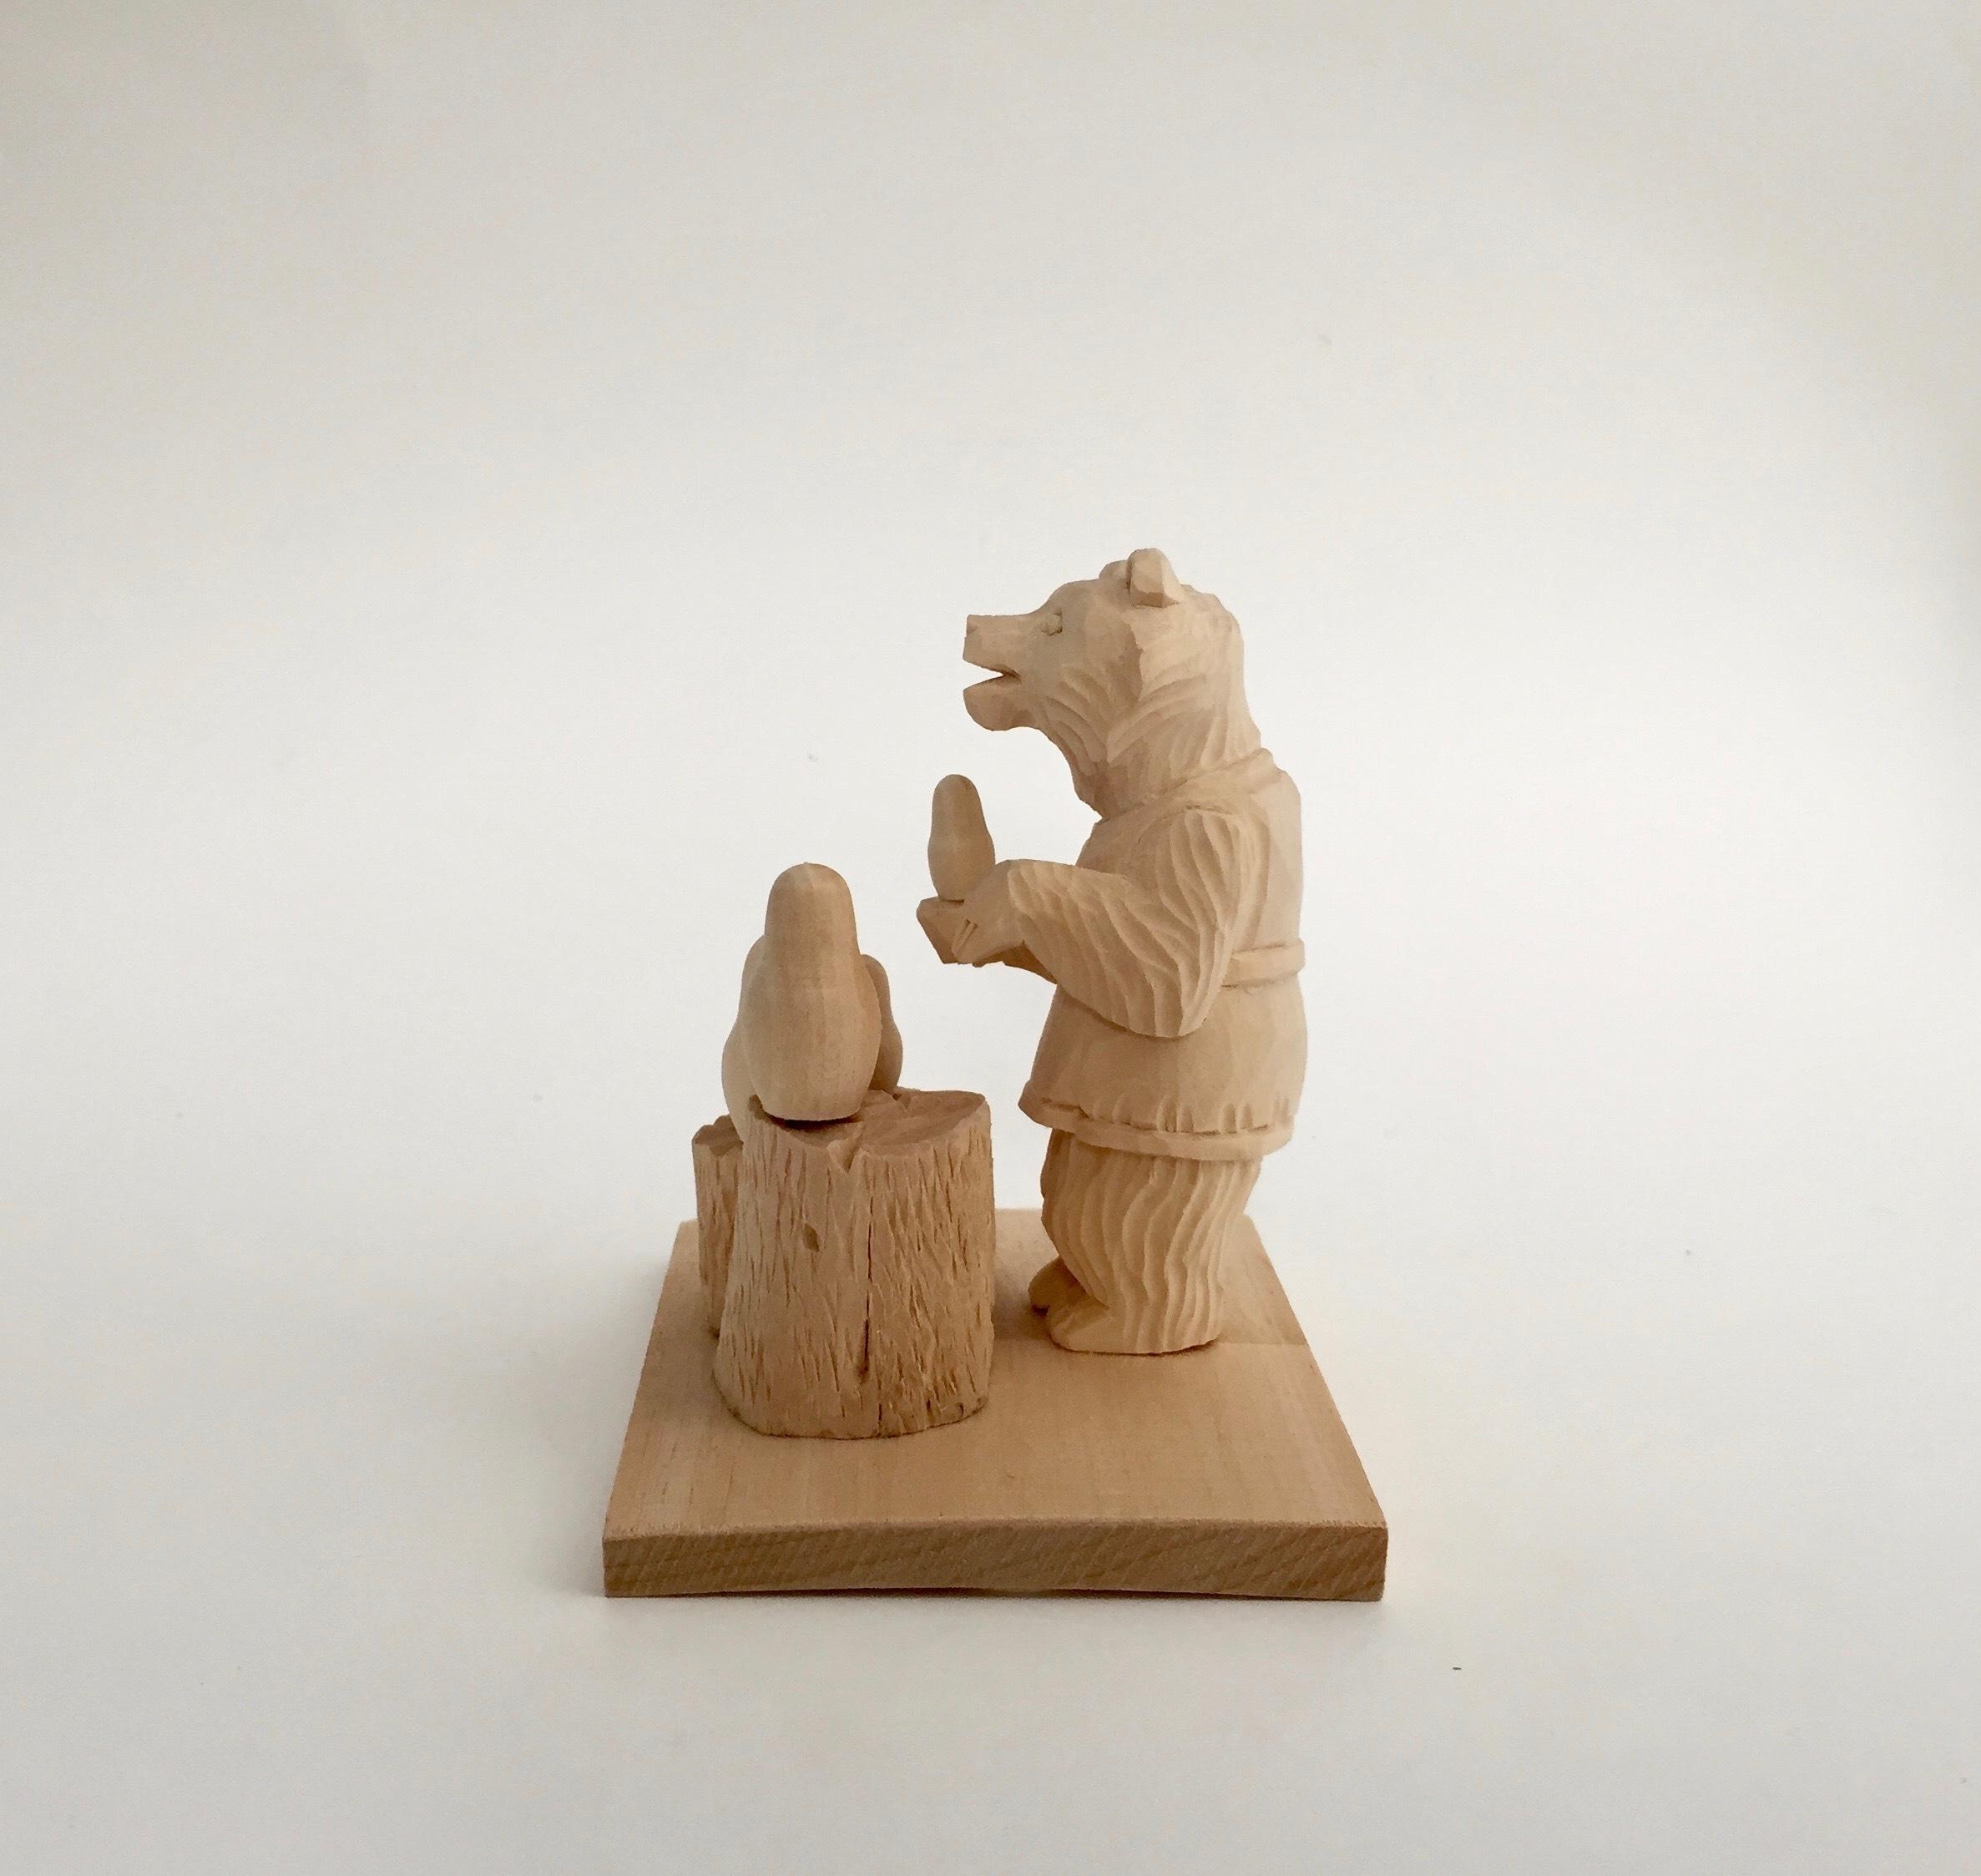 ボゴロツコエ木地玩具「クマのマトリョーシカ売り」